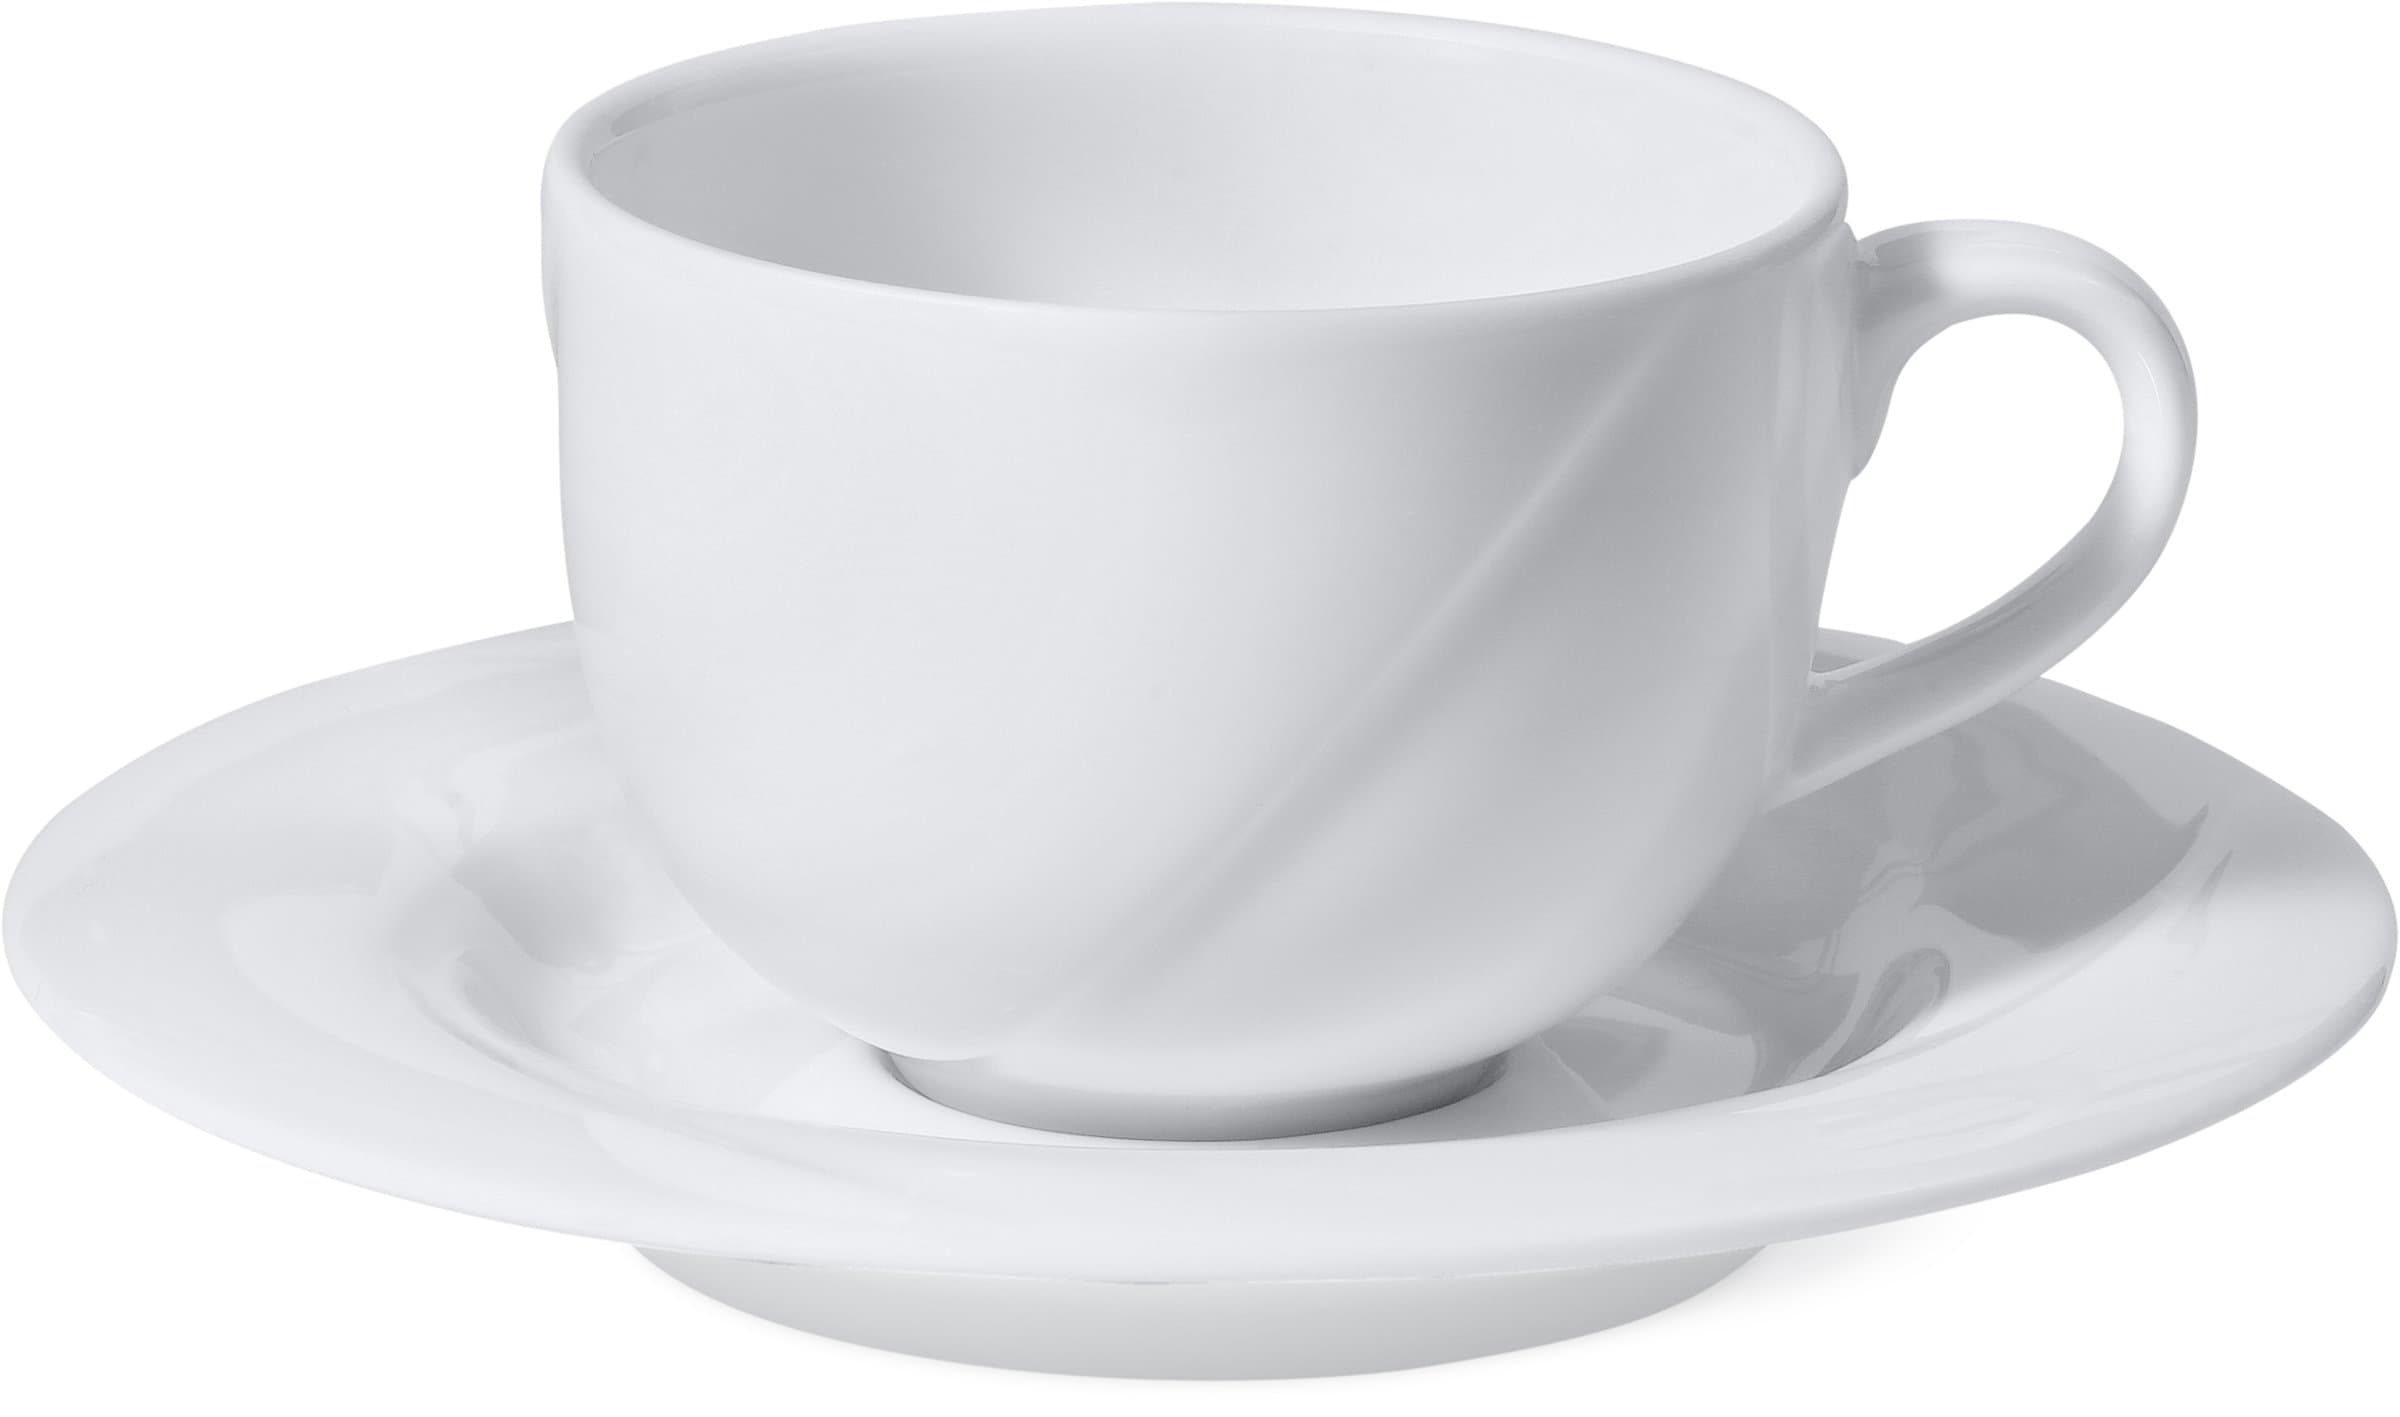 Cucina & Tavola NIKITA Tazzina da caffè con piattino